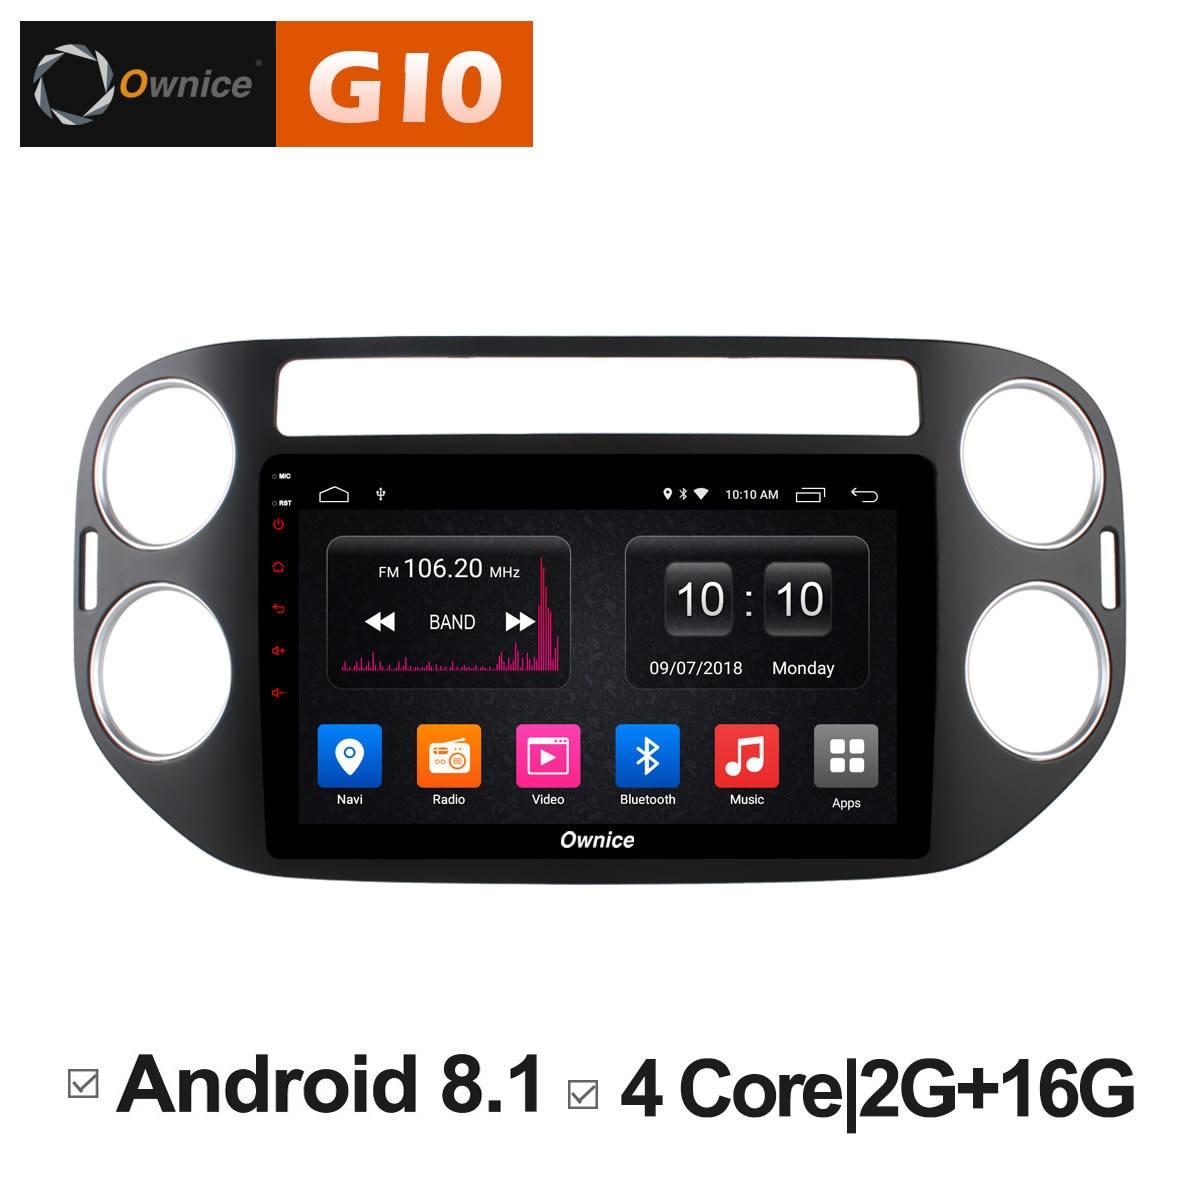 Android 8.1 unité voiture stéréo Audio dvd Radio lecteur multimédia gps navigateur pour VW tiguan 2010 2011 2012 2013 2014 2015 2016